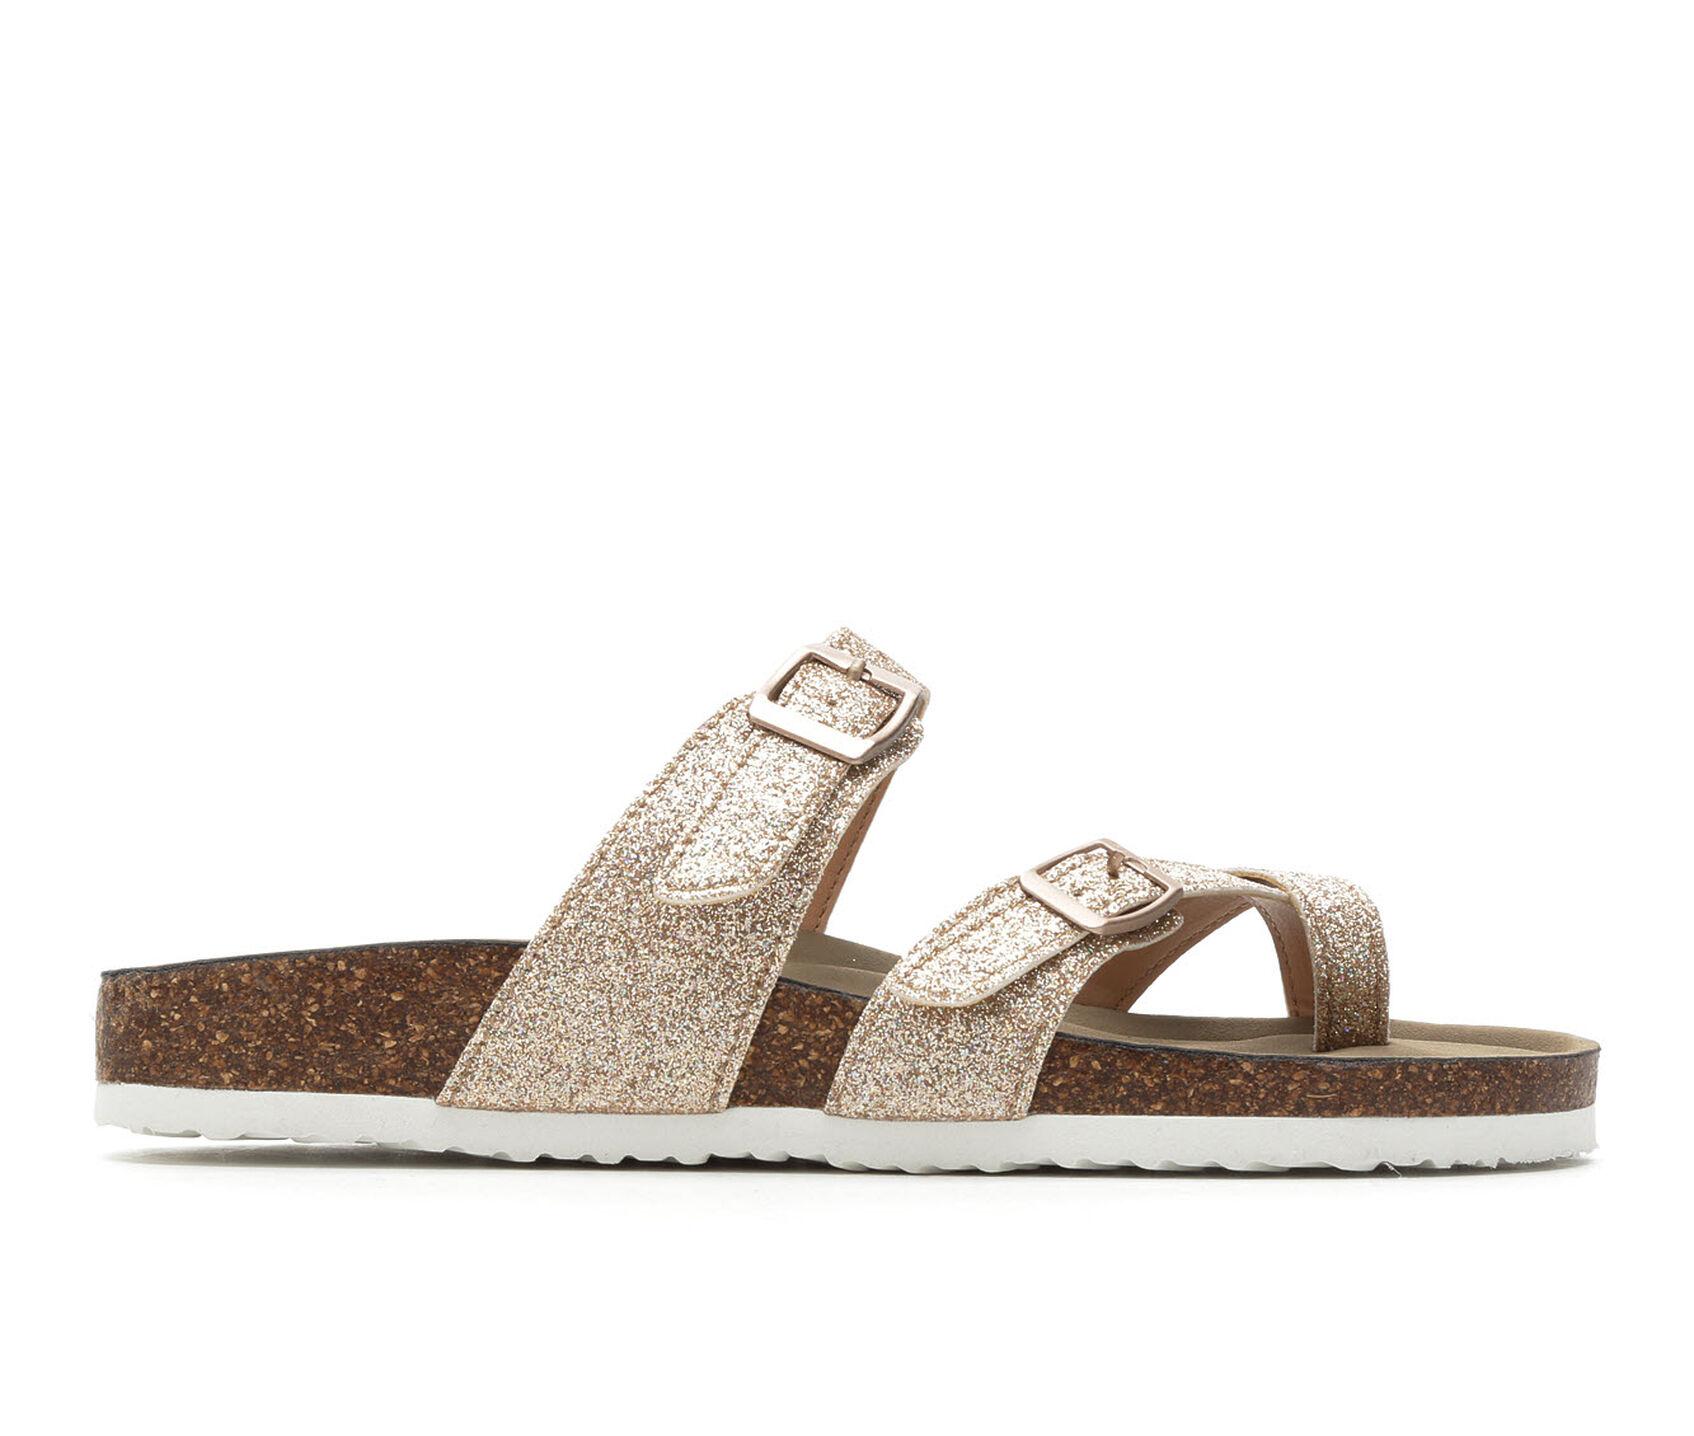 d5fd771d269 Women's Madden Girl Bryceee Footbed Sandals